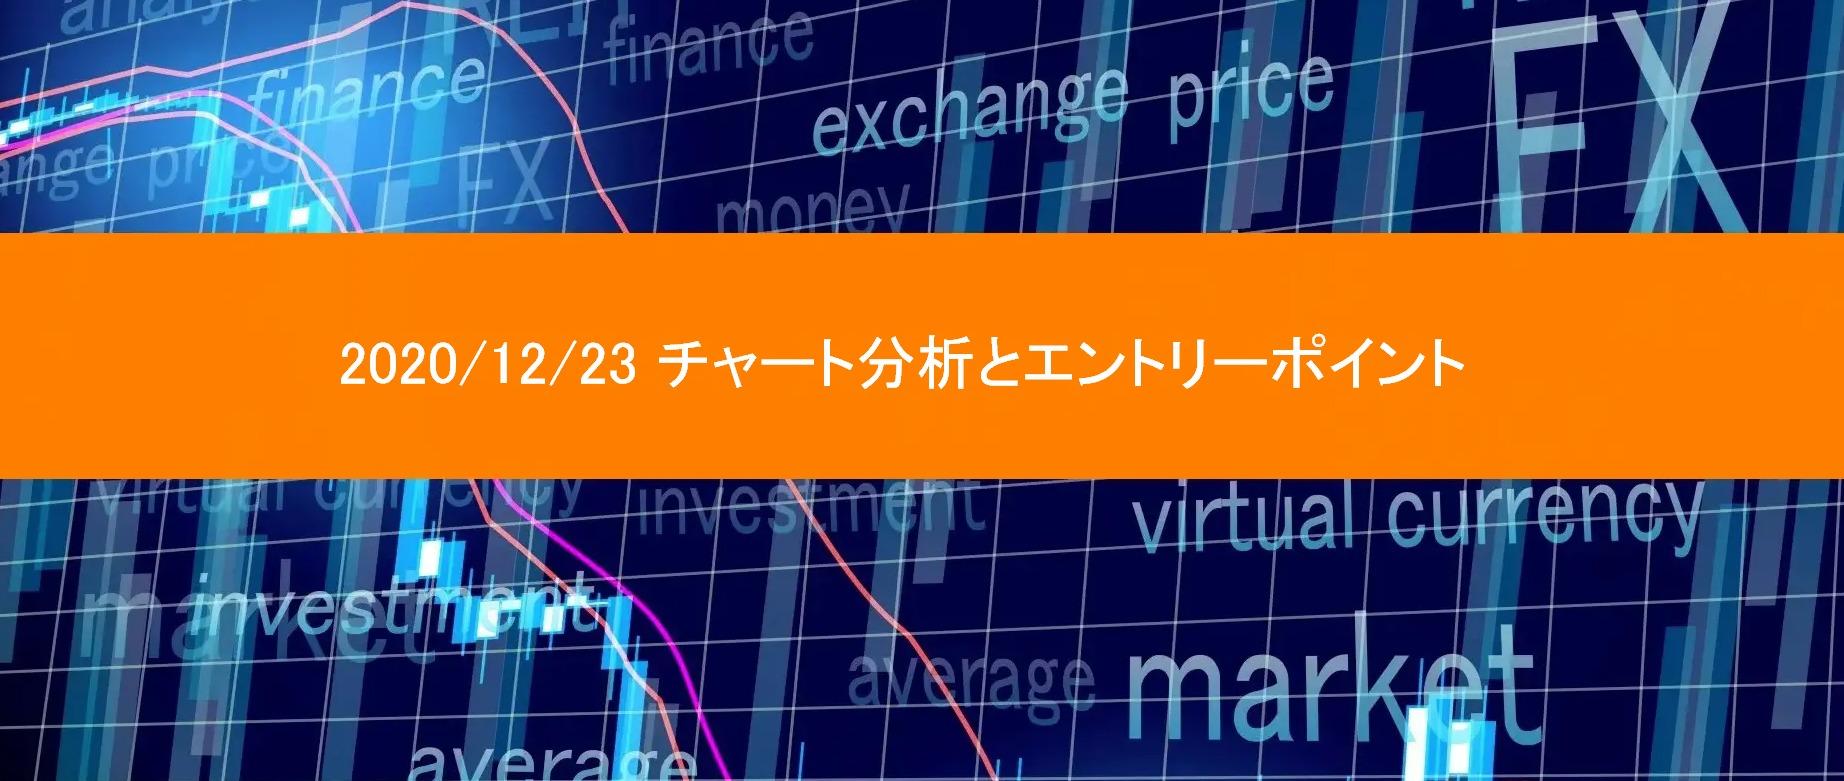 2020/12/23チャート分析とエントリーポイント